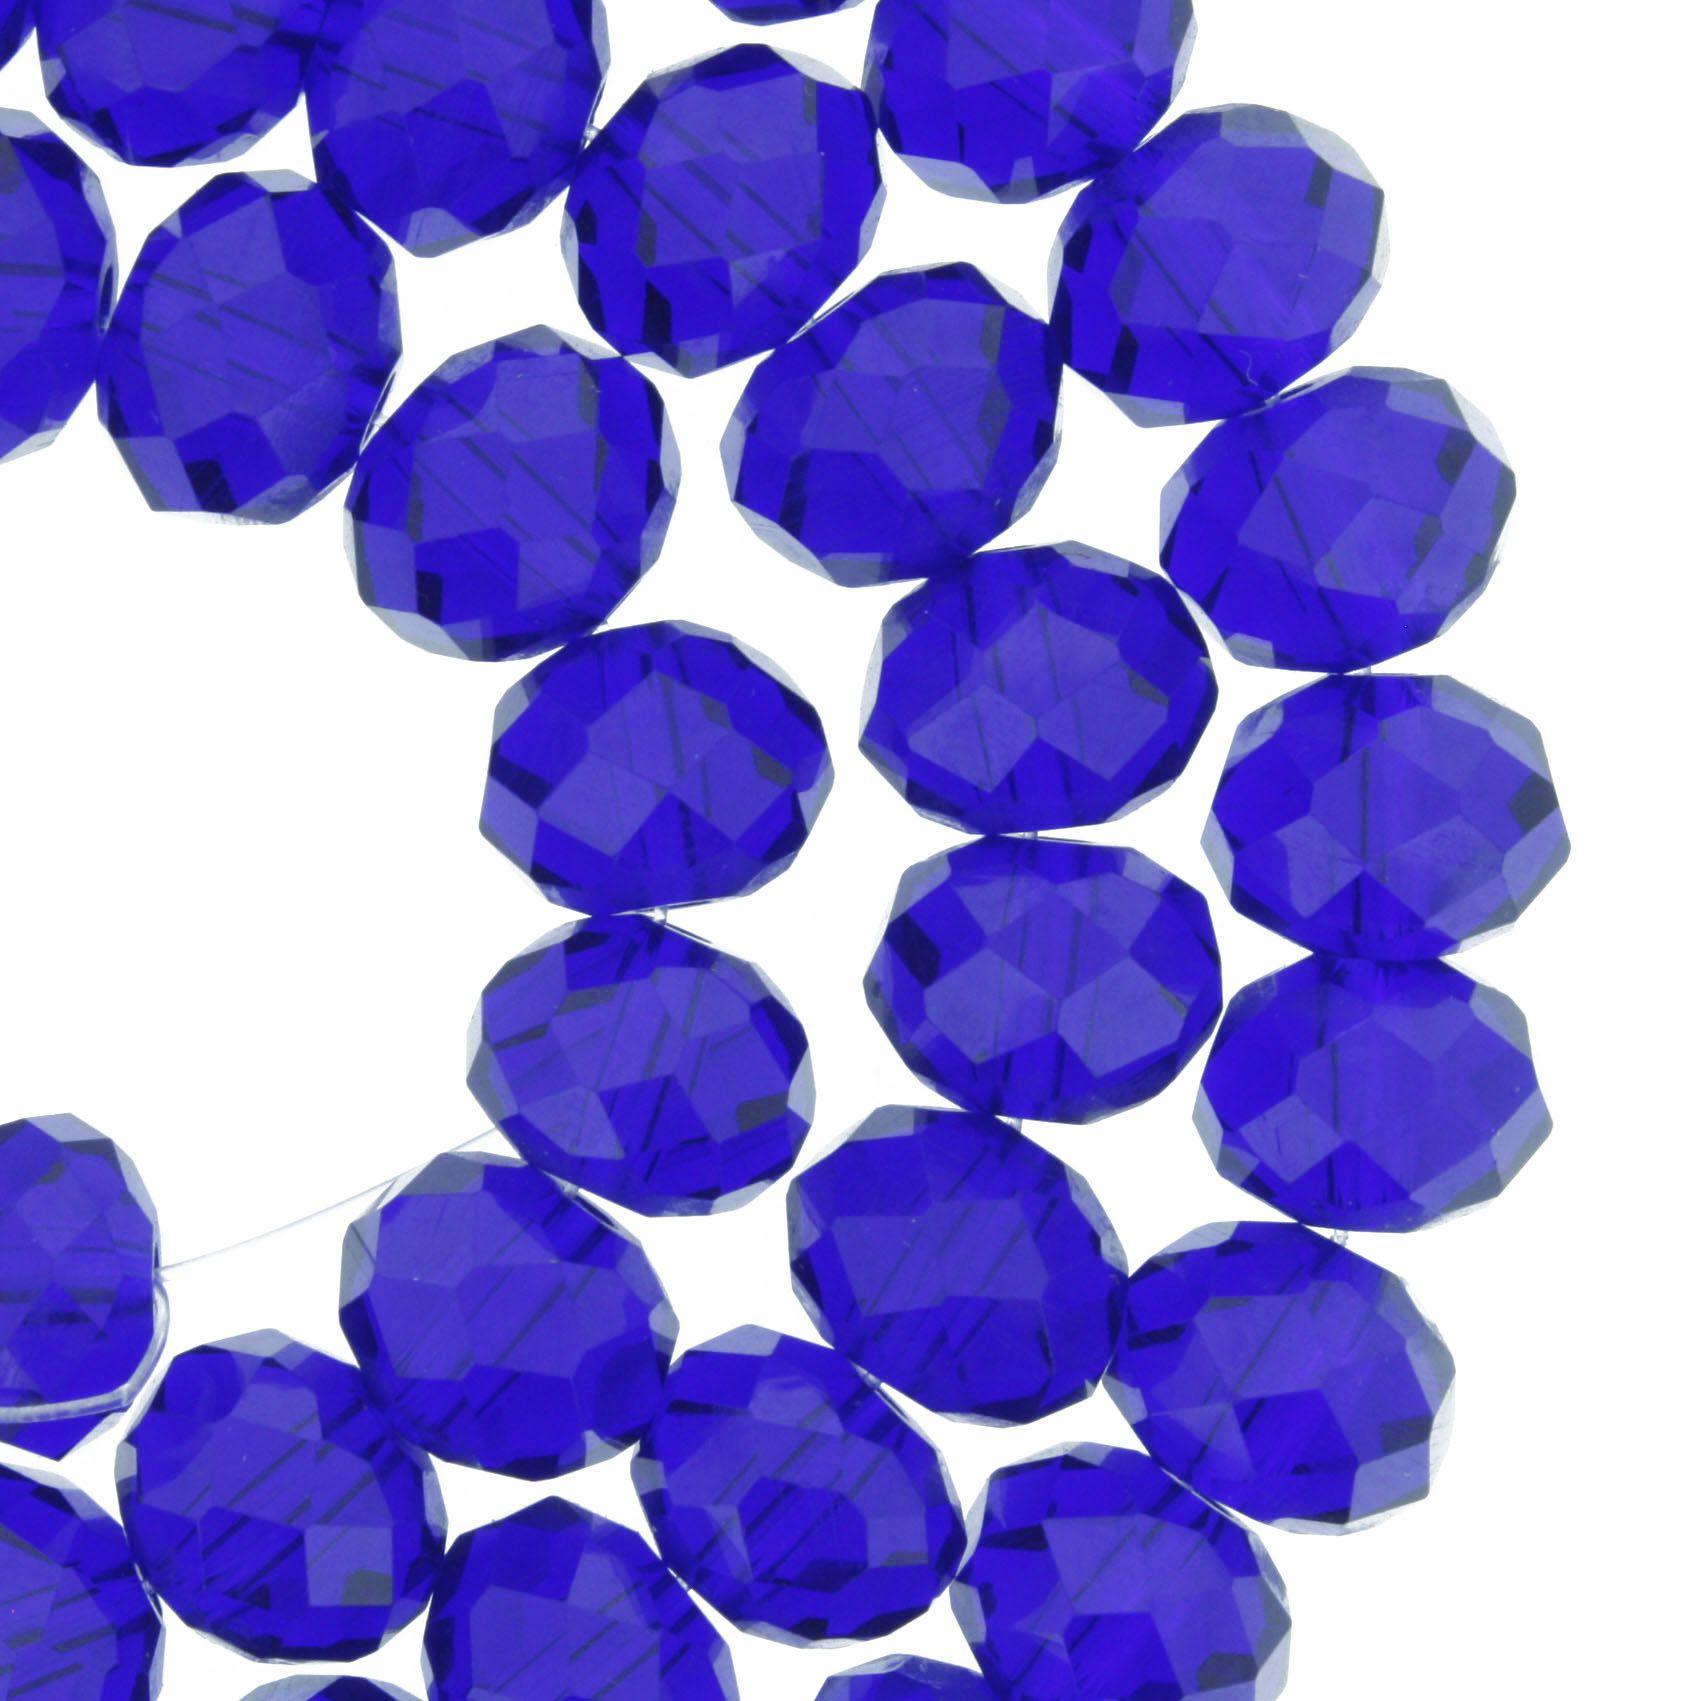 Fio de Cristal - Flat® - Azul Royal Transparente - 10mm  - Stéphanie Bijoux® - Peças para Bijuterias e Artesanato